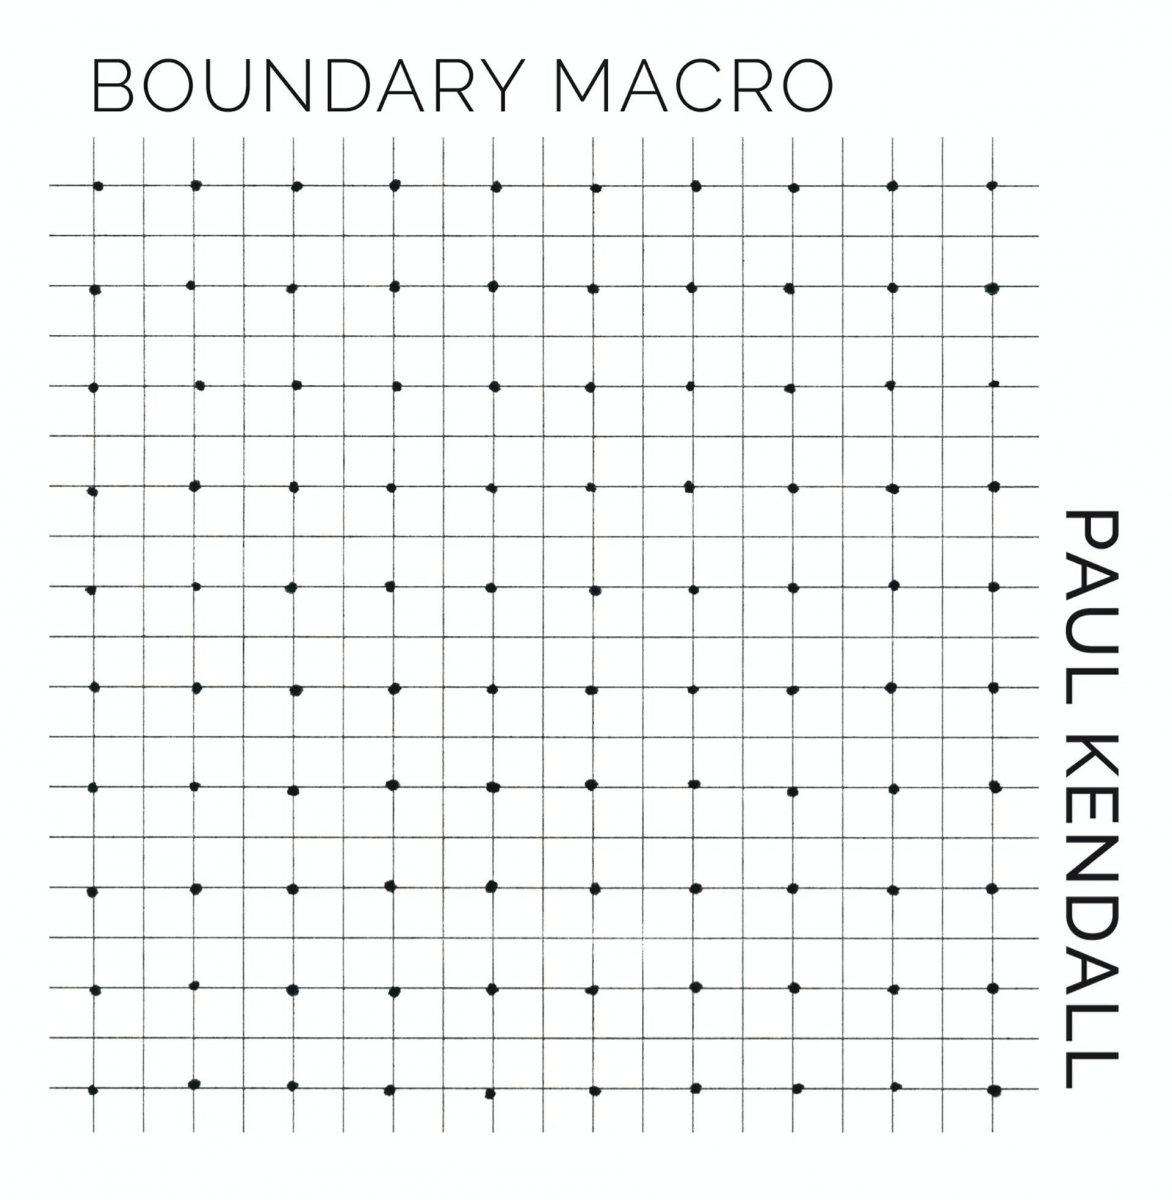 Paul Kendall - Boundary Macro